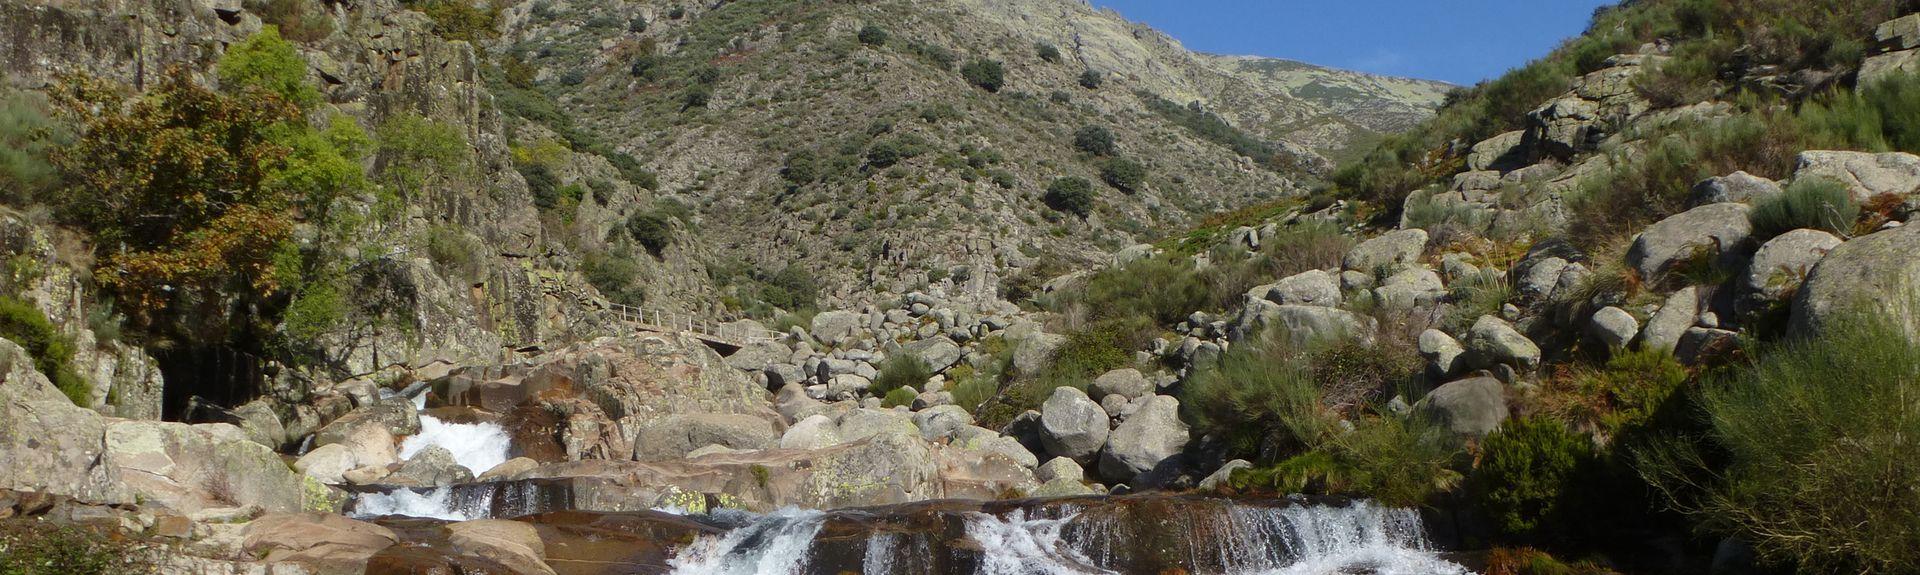 Aldeanueva de la Vera, Extremadura, España